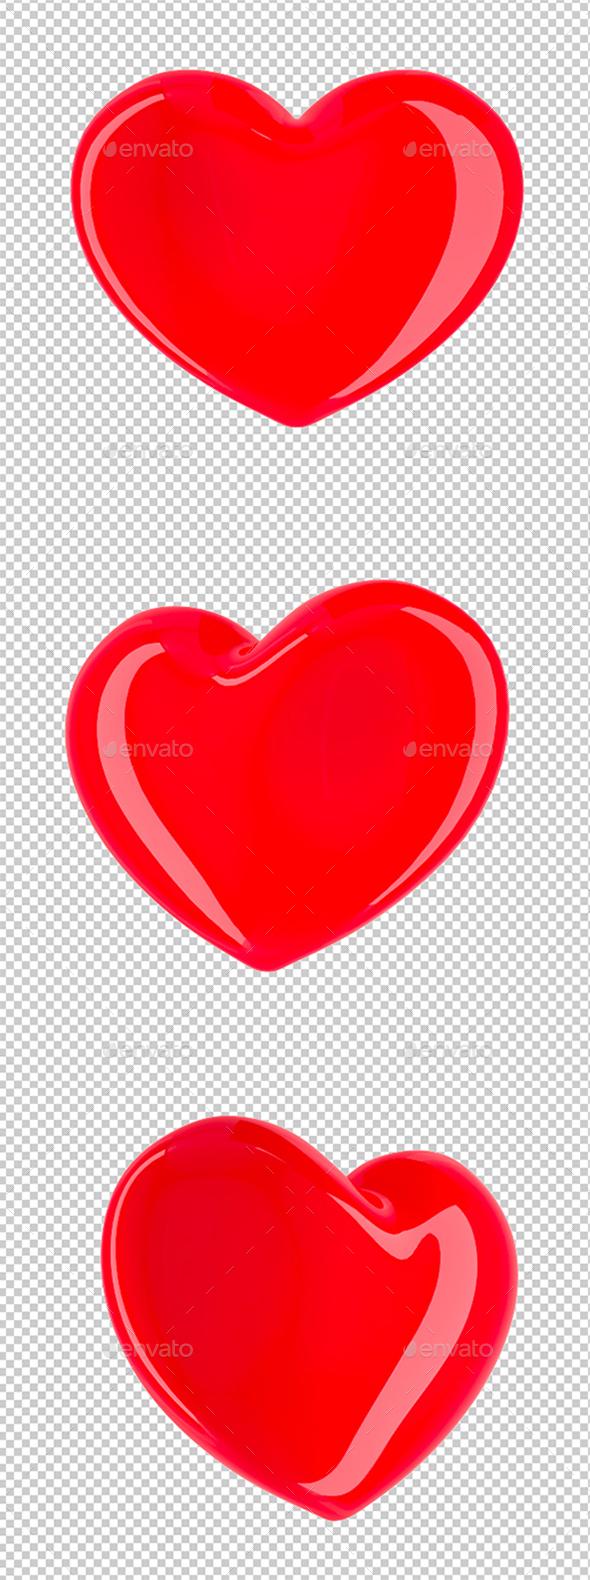 Heart Set - Objects 3D Renders